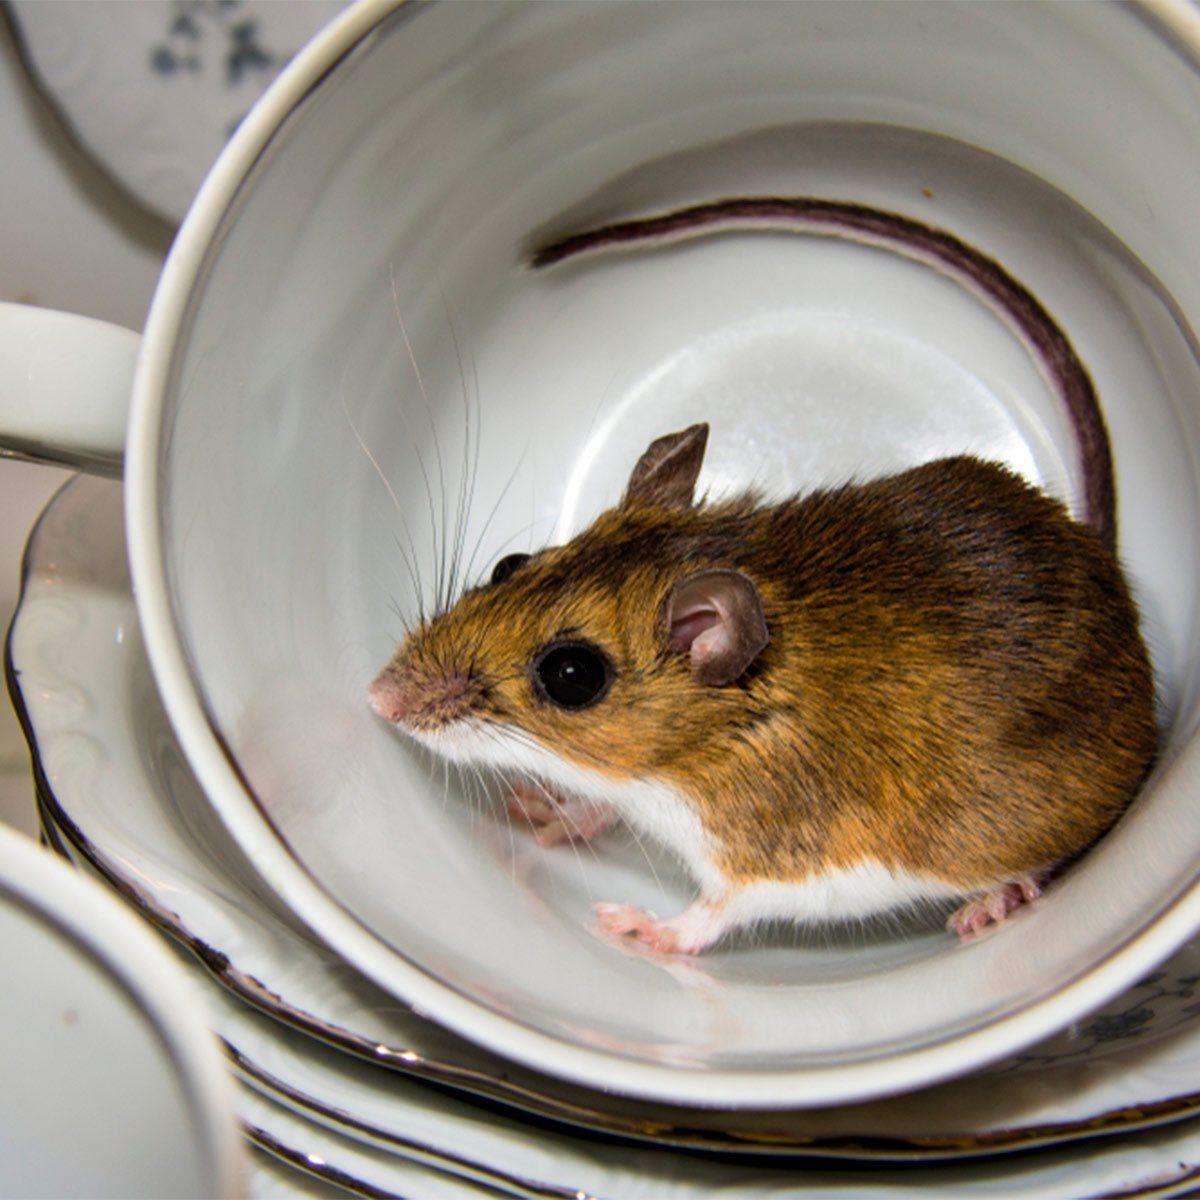 8da6e49c7f2e744112044818b51bdb15 - How To Get Rid Of Mice In Compost Bin